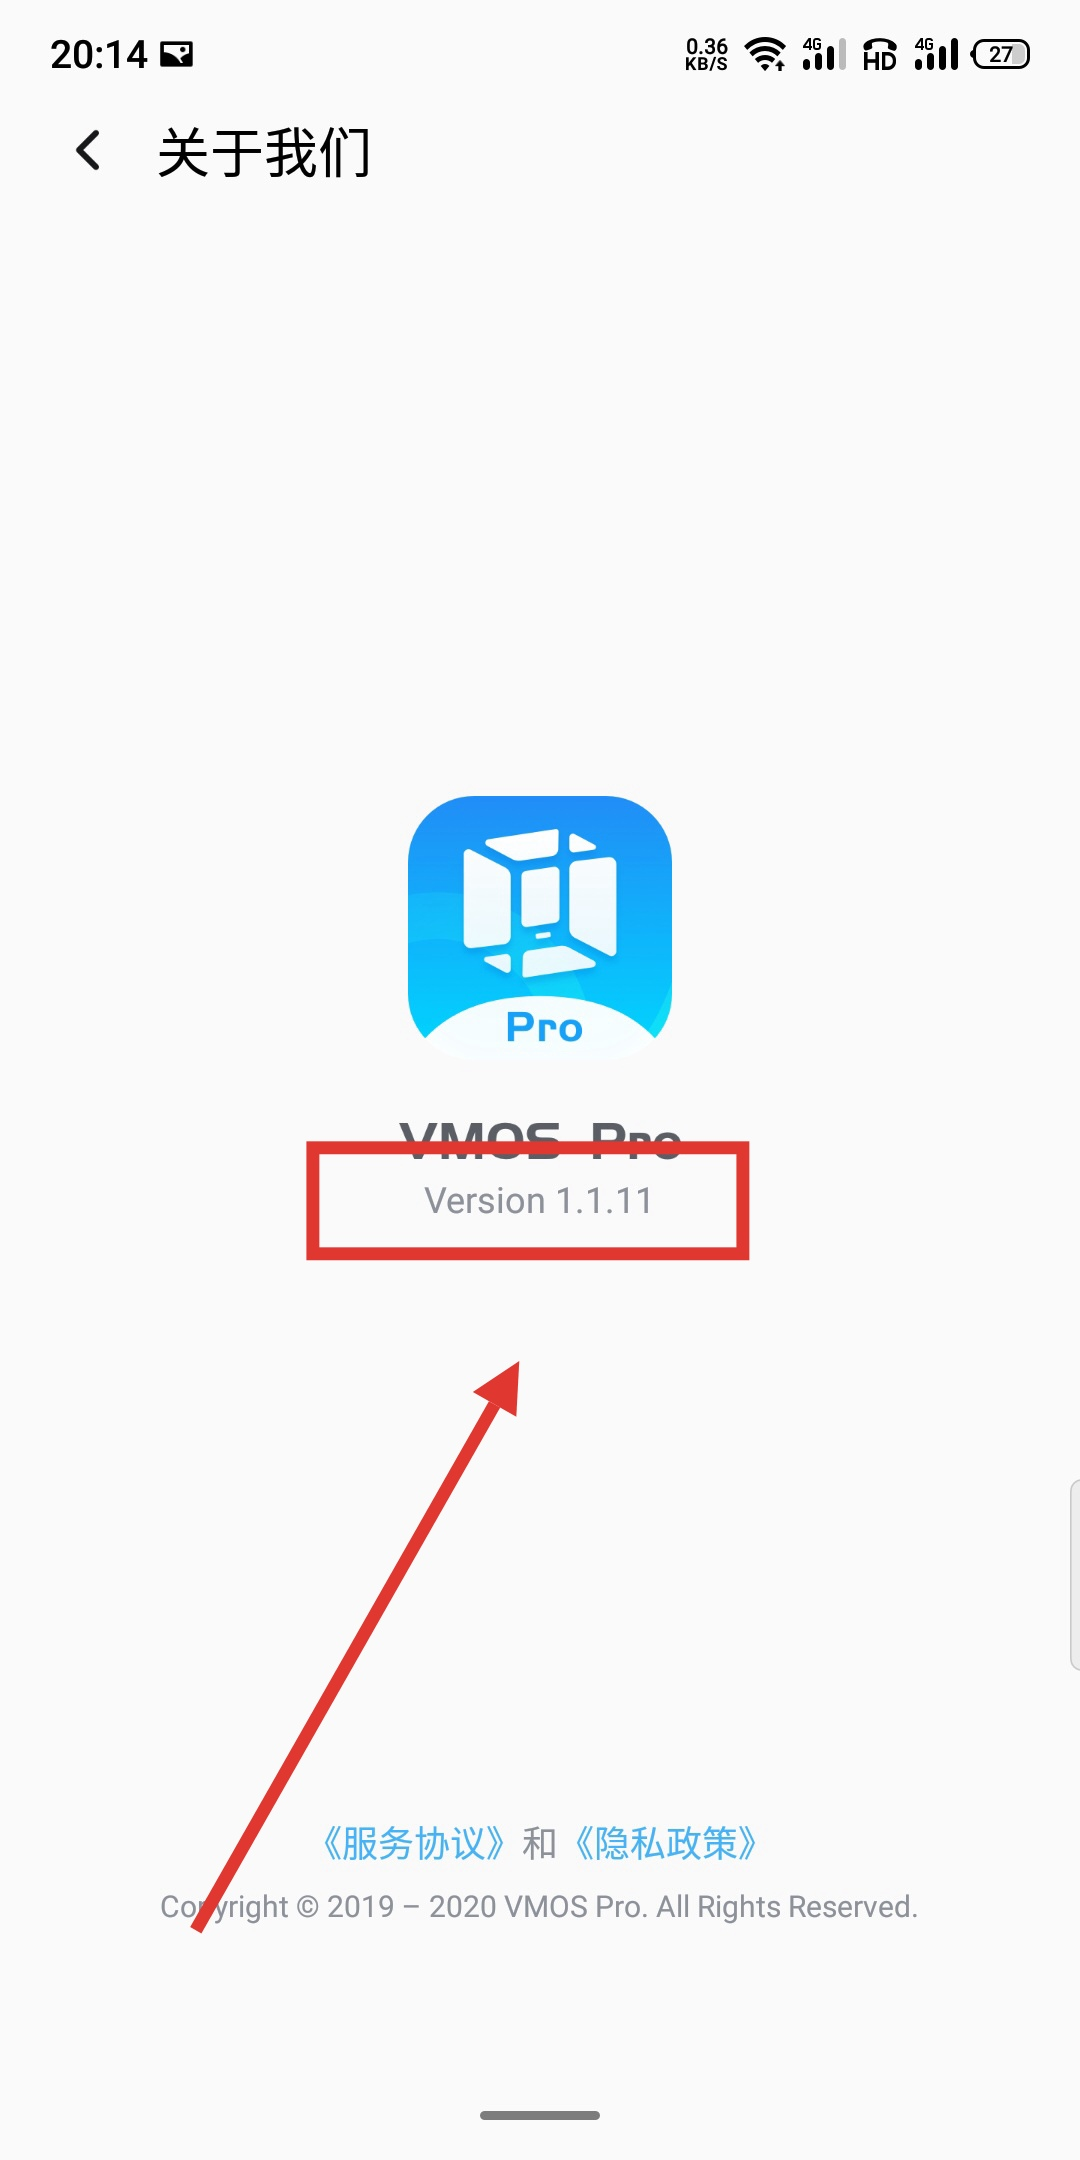 【分享】vmos pro1.1.11破解版首发!支持谷歌服务